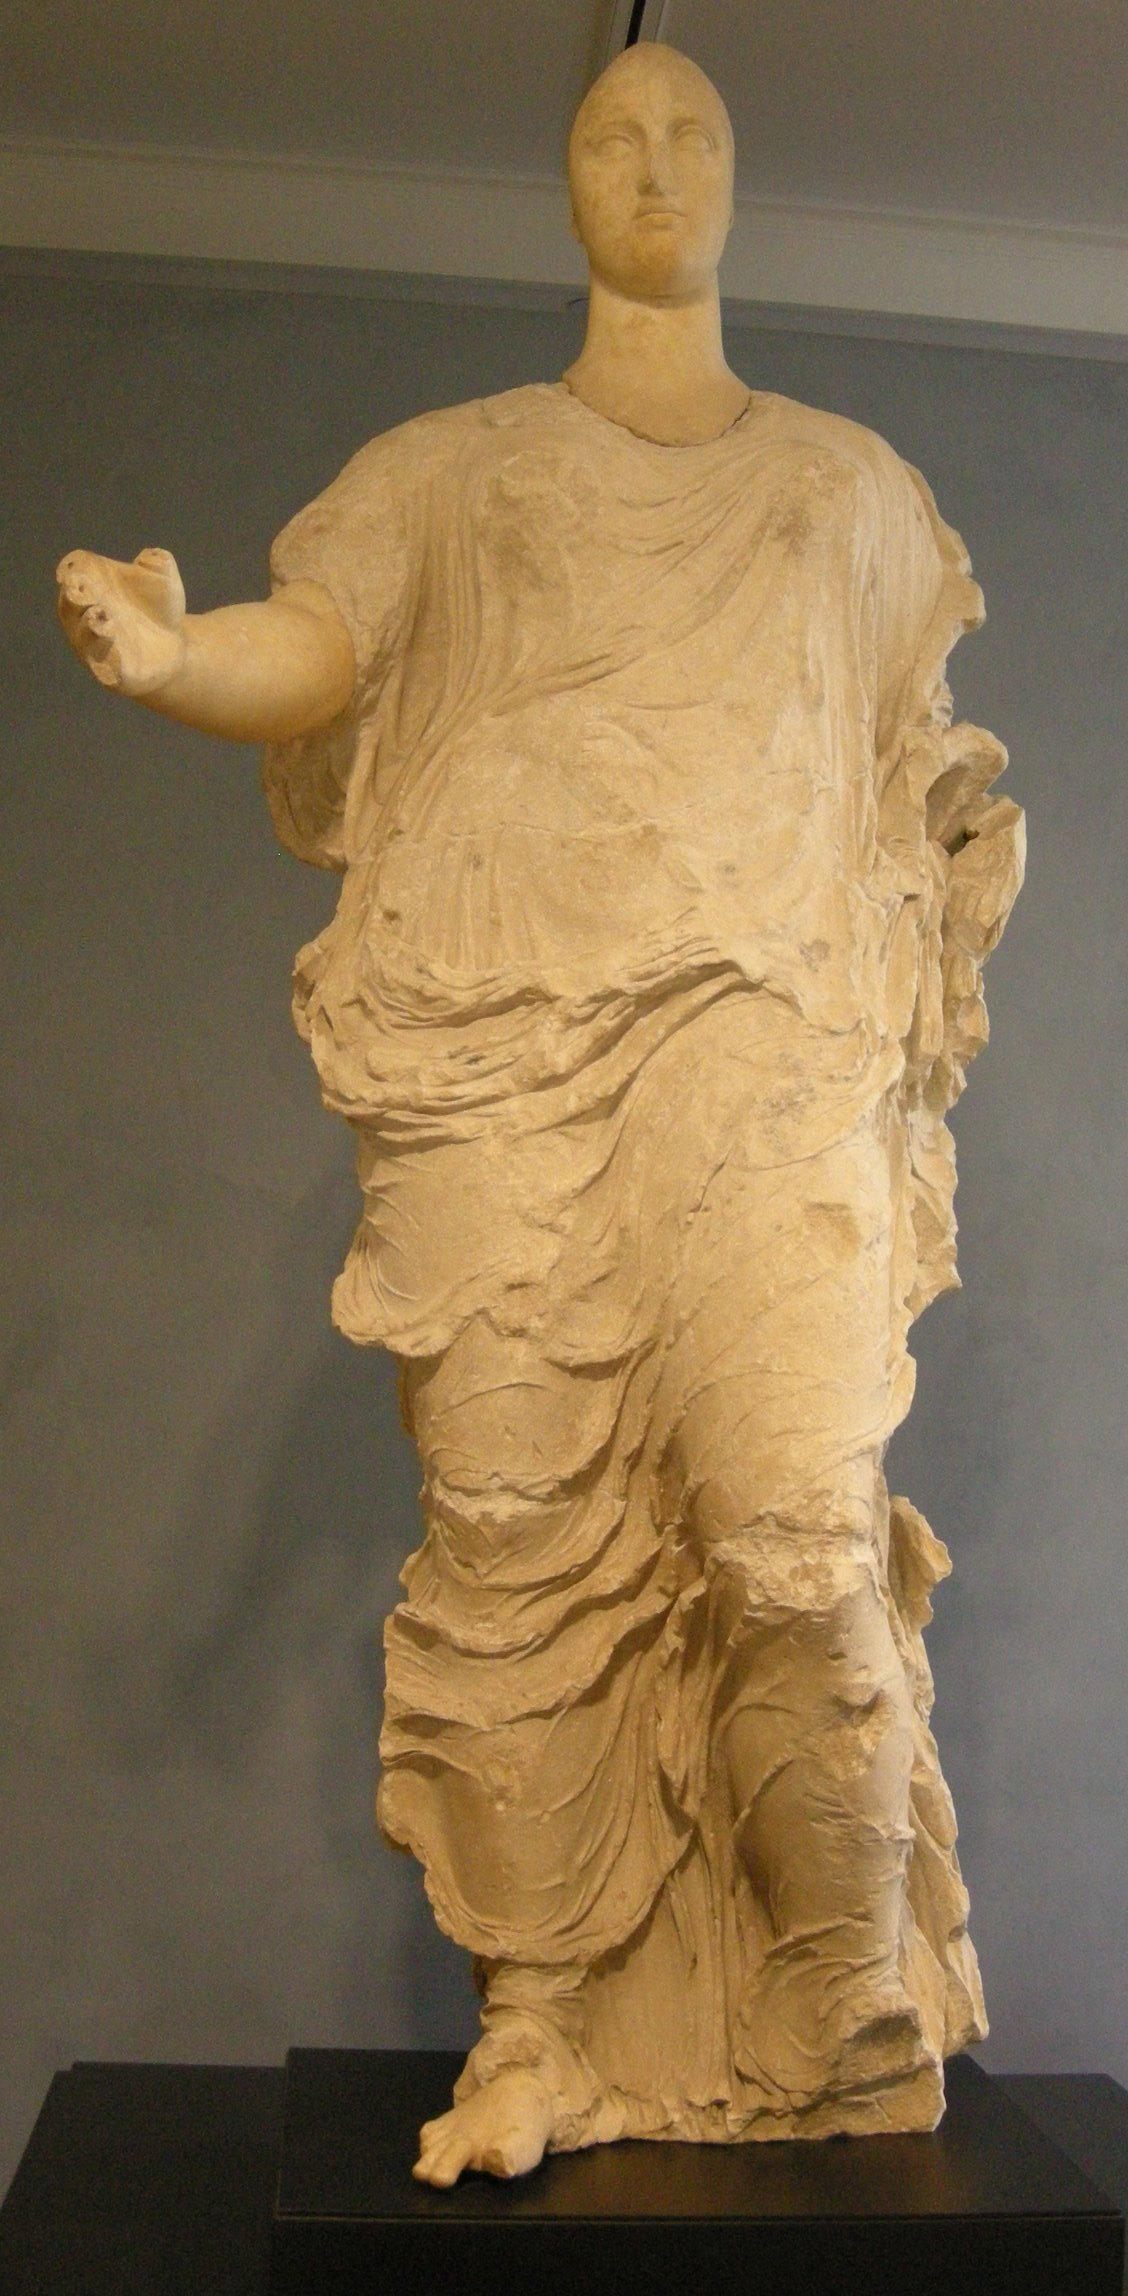 Dea di Morgantina, identificata come Persefone, autore sconosciuto, probabilmente allievo di Fidia, V secolo a.C., marmo e calcare, 224 cm, Museo archeologico di Aidone, (En), Italia.